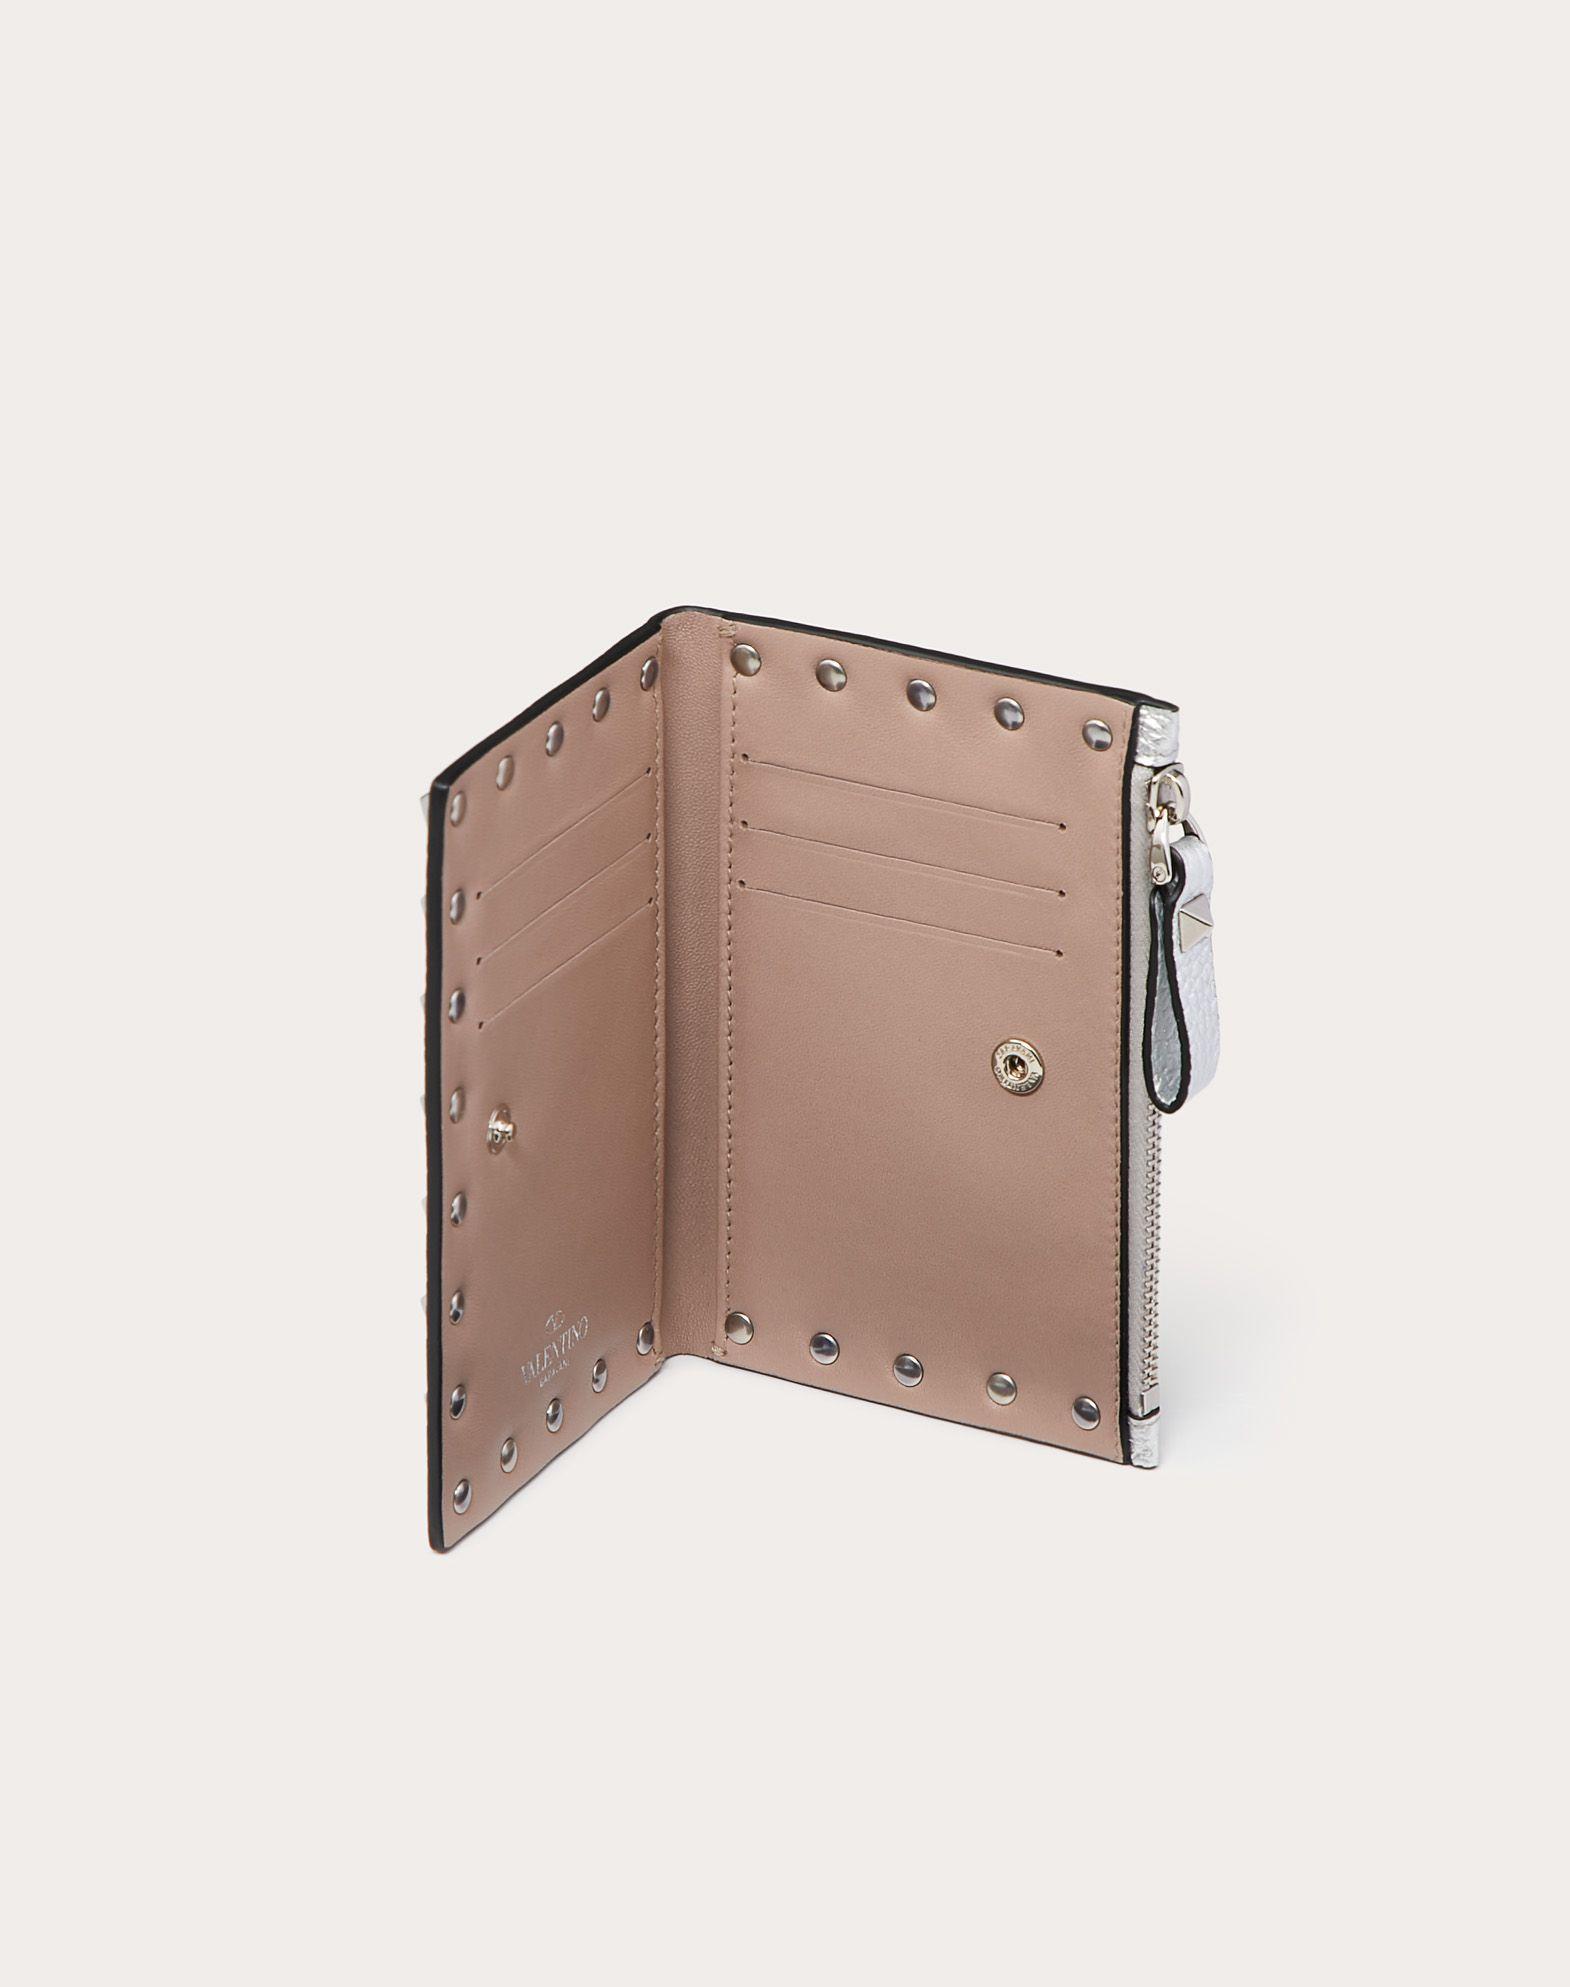 VALENTINO GARAVANI Rockstud Coin Purse and Card Case COIN PURSES & CARD CASES D a